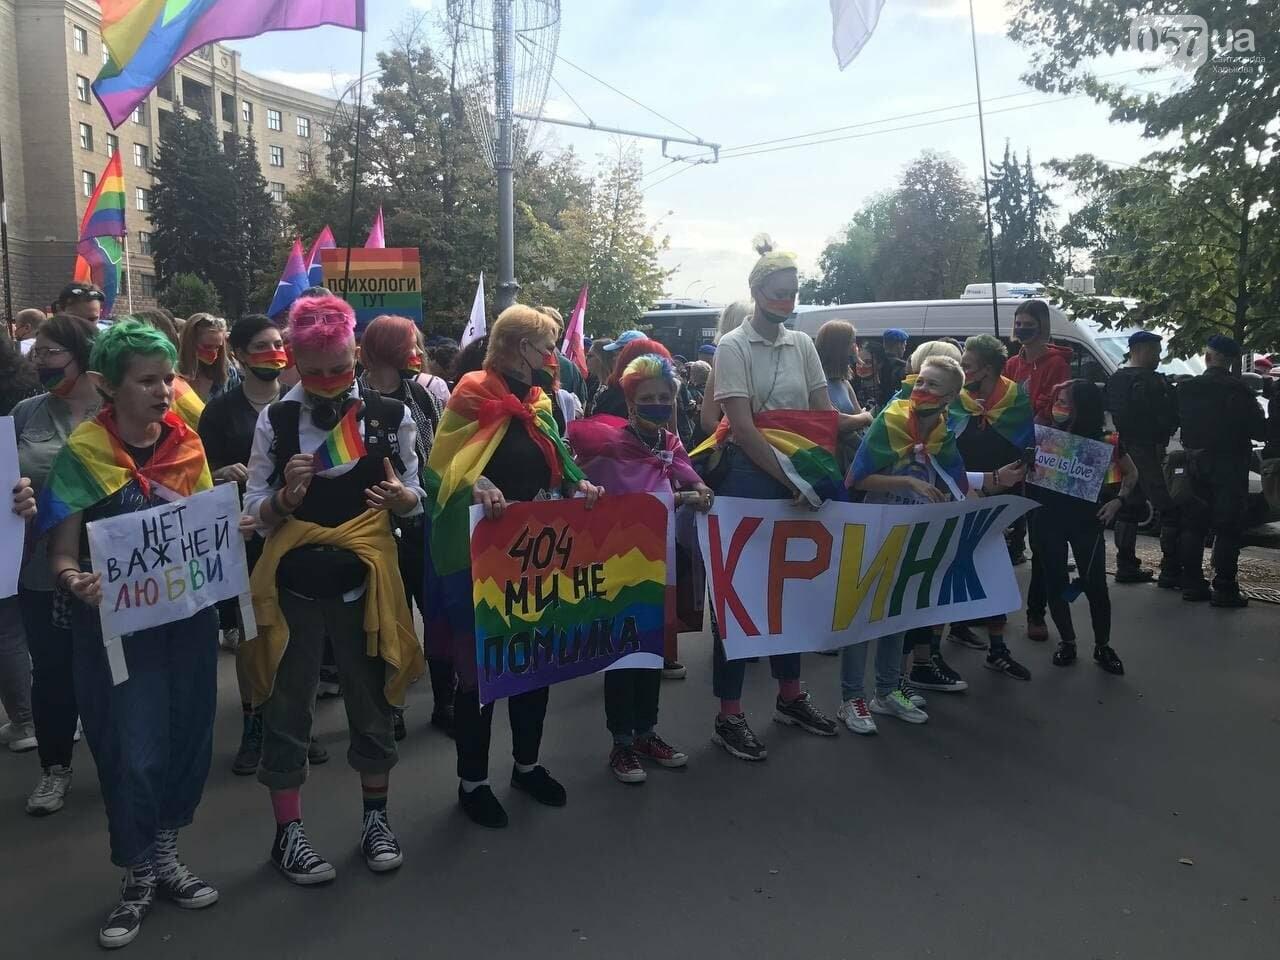 «Нет важней любви». Как в центре Харькова прошел ЛГБТ-марш, - ФОТОРЕПОРТАЖ, фото-17